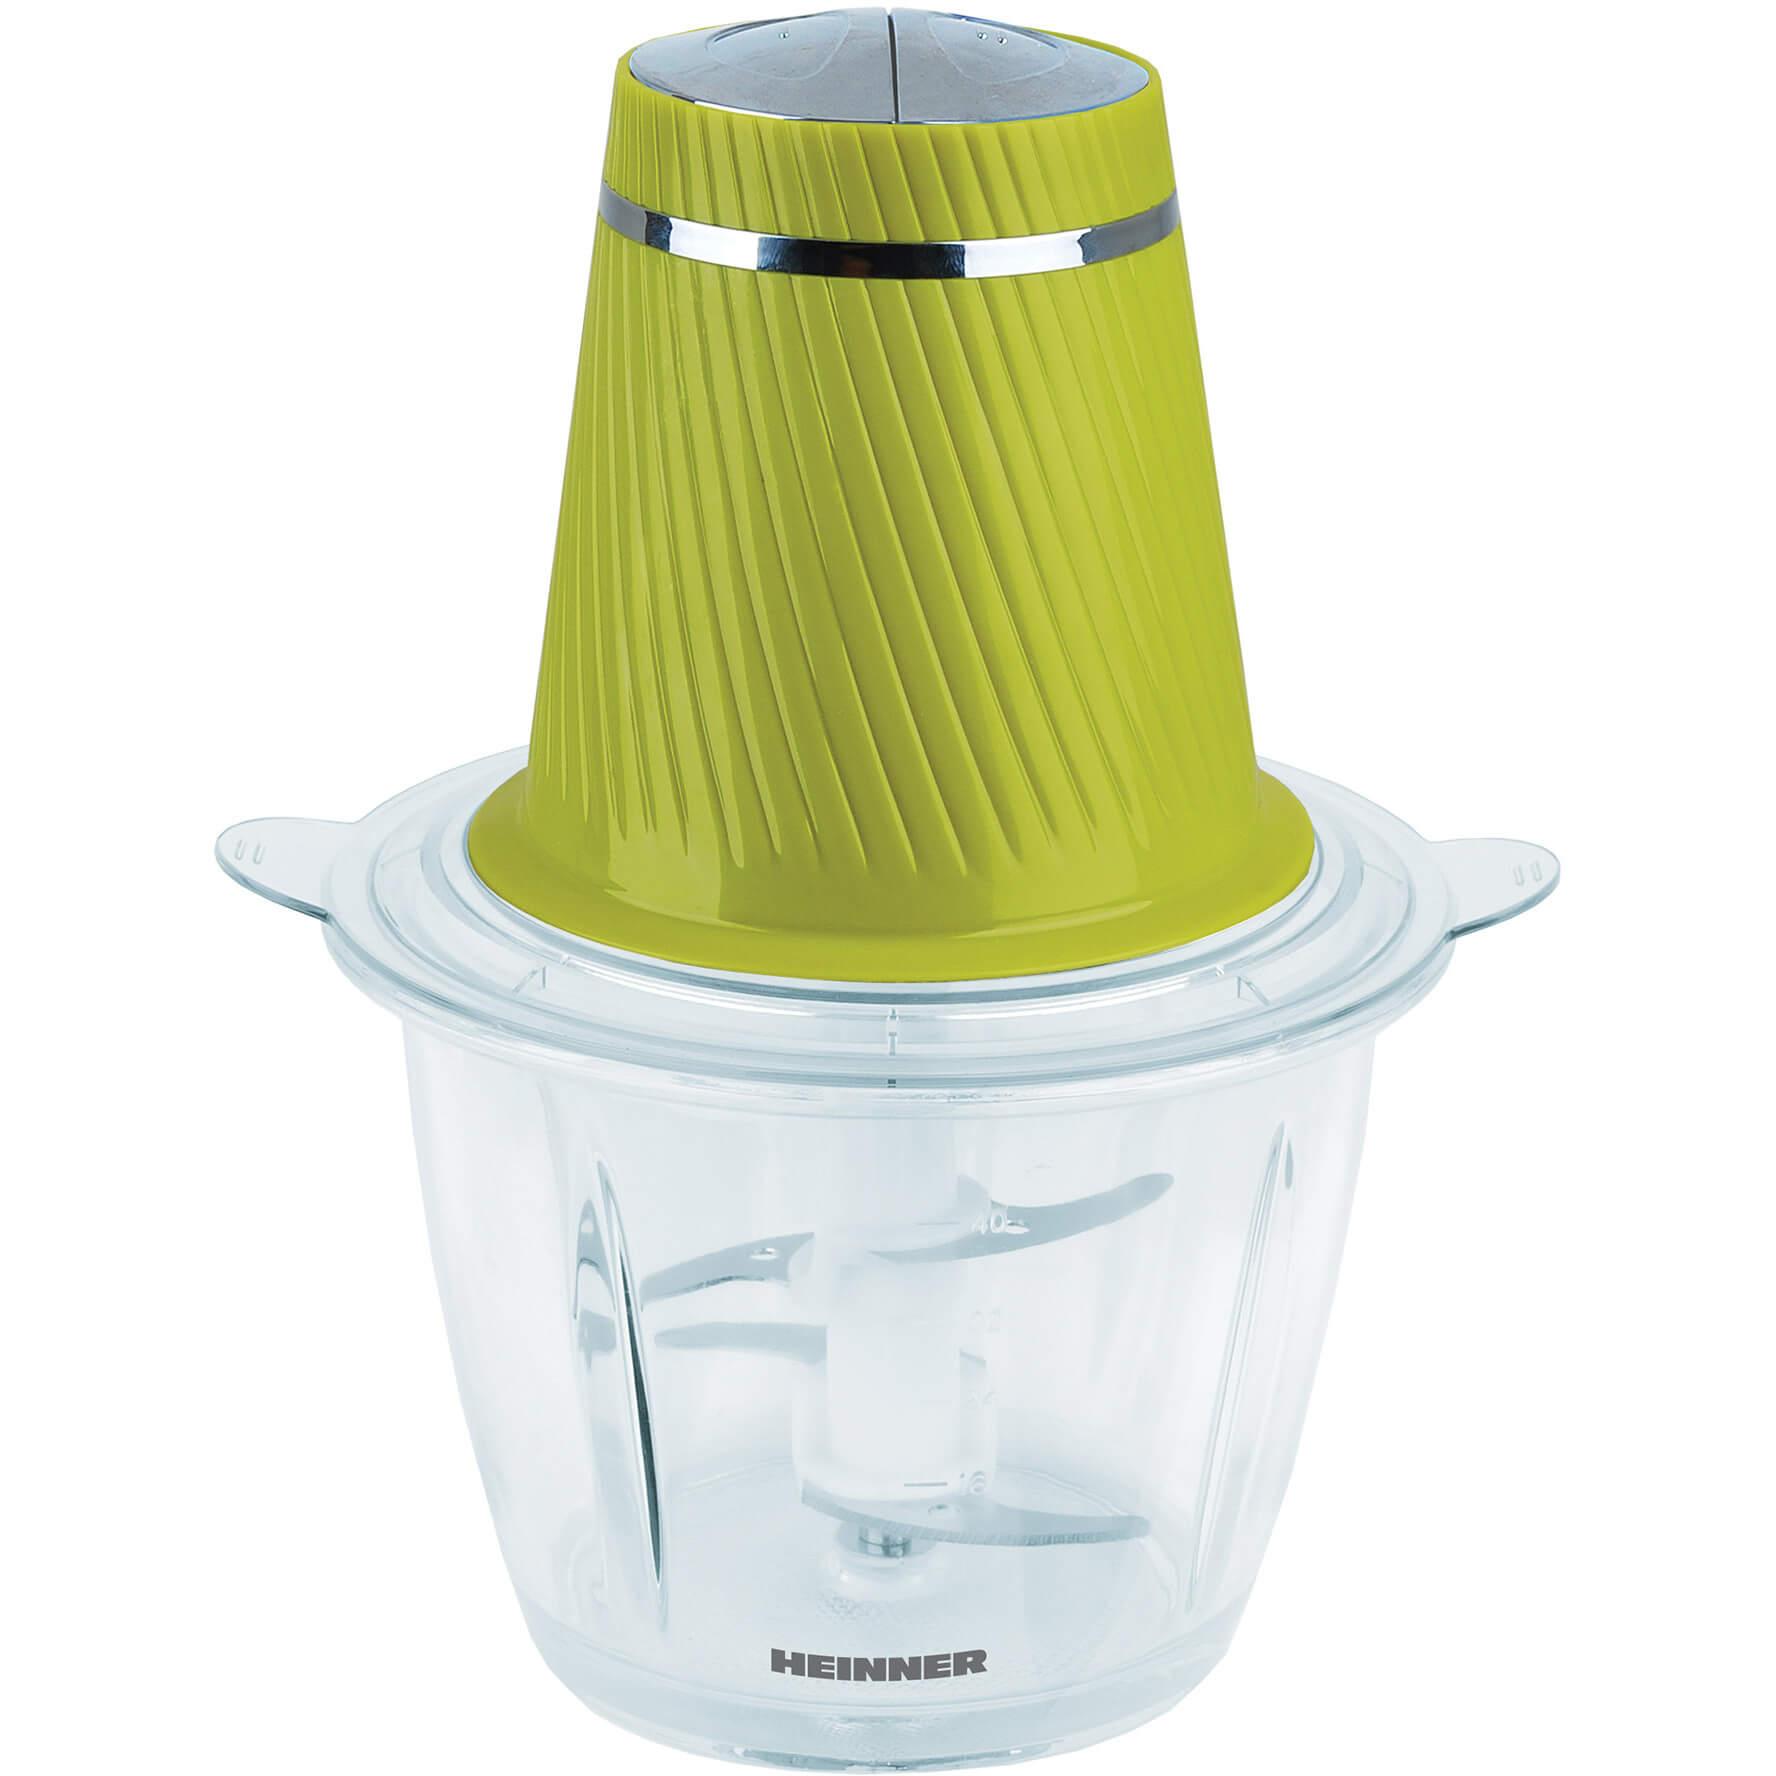 Tocator Heinner HMC-300GR, 300 W, 1.2 l, Verde